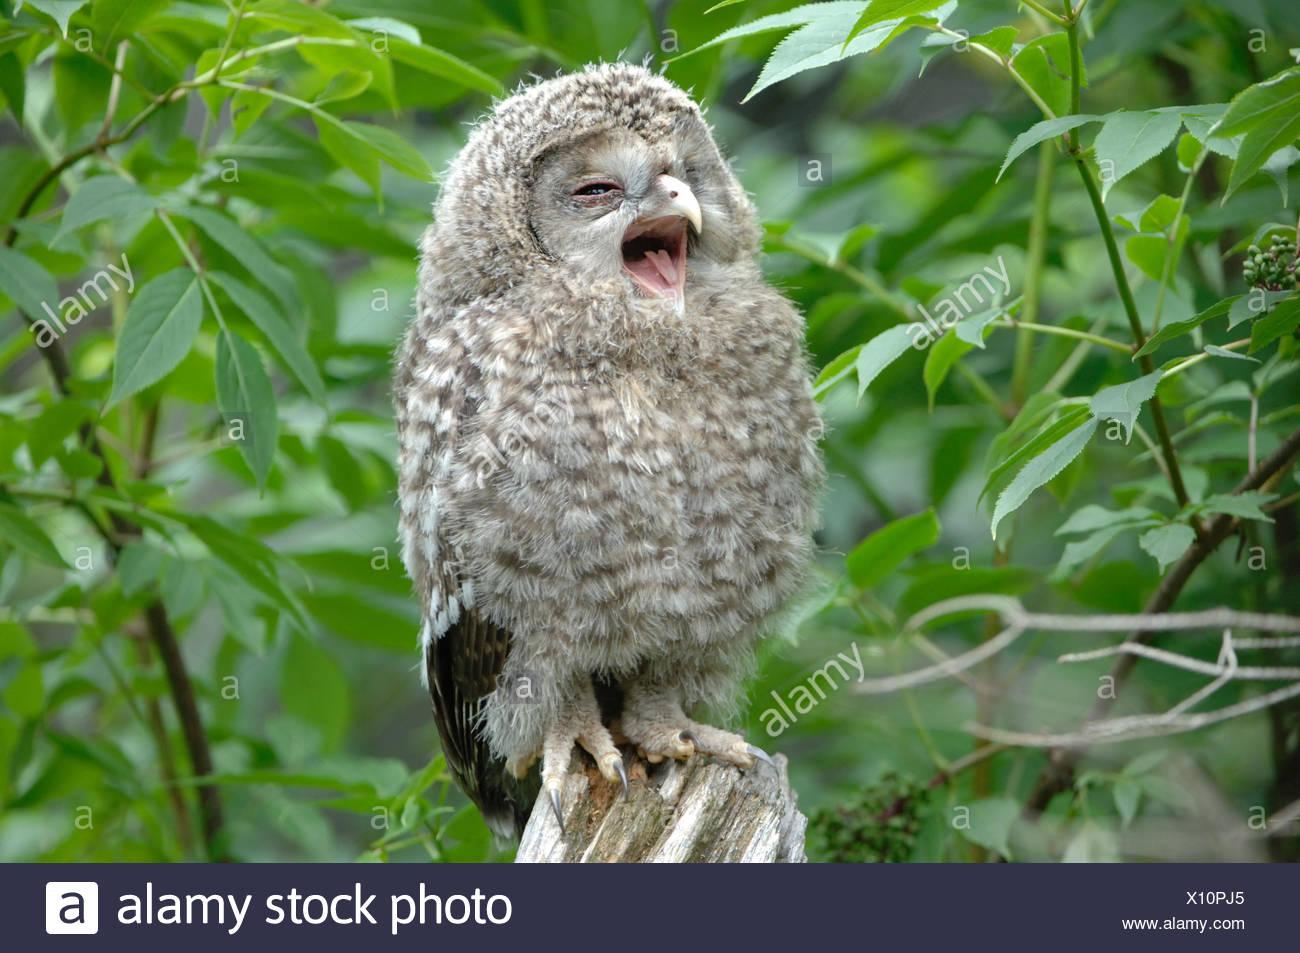 Búhos, la lechuza, búho Ural, cazadores nocturnos, animal, animales, Alemania, Europa, Imagen De Stock